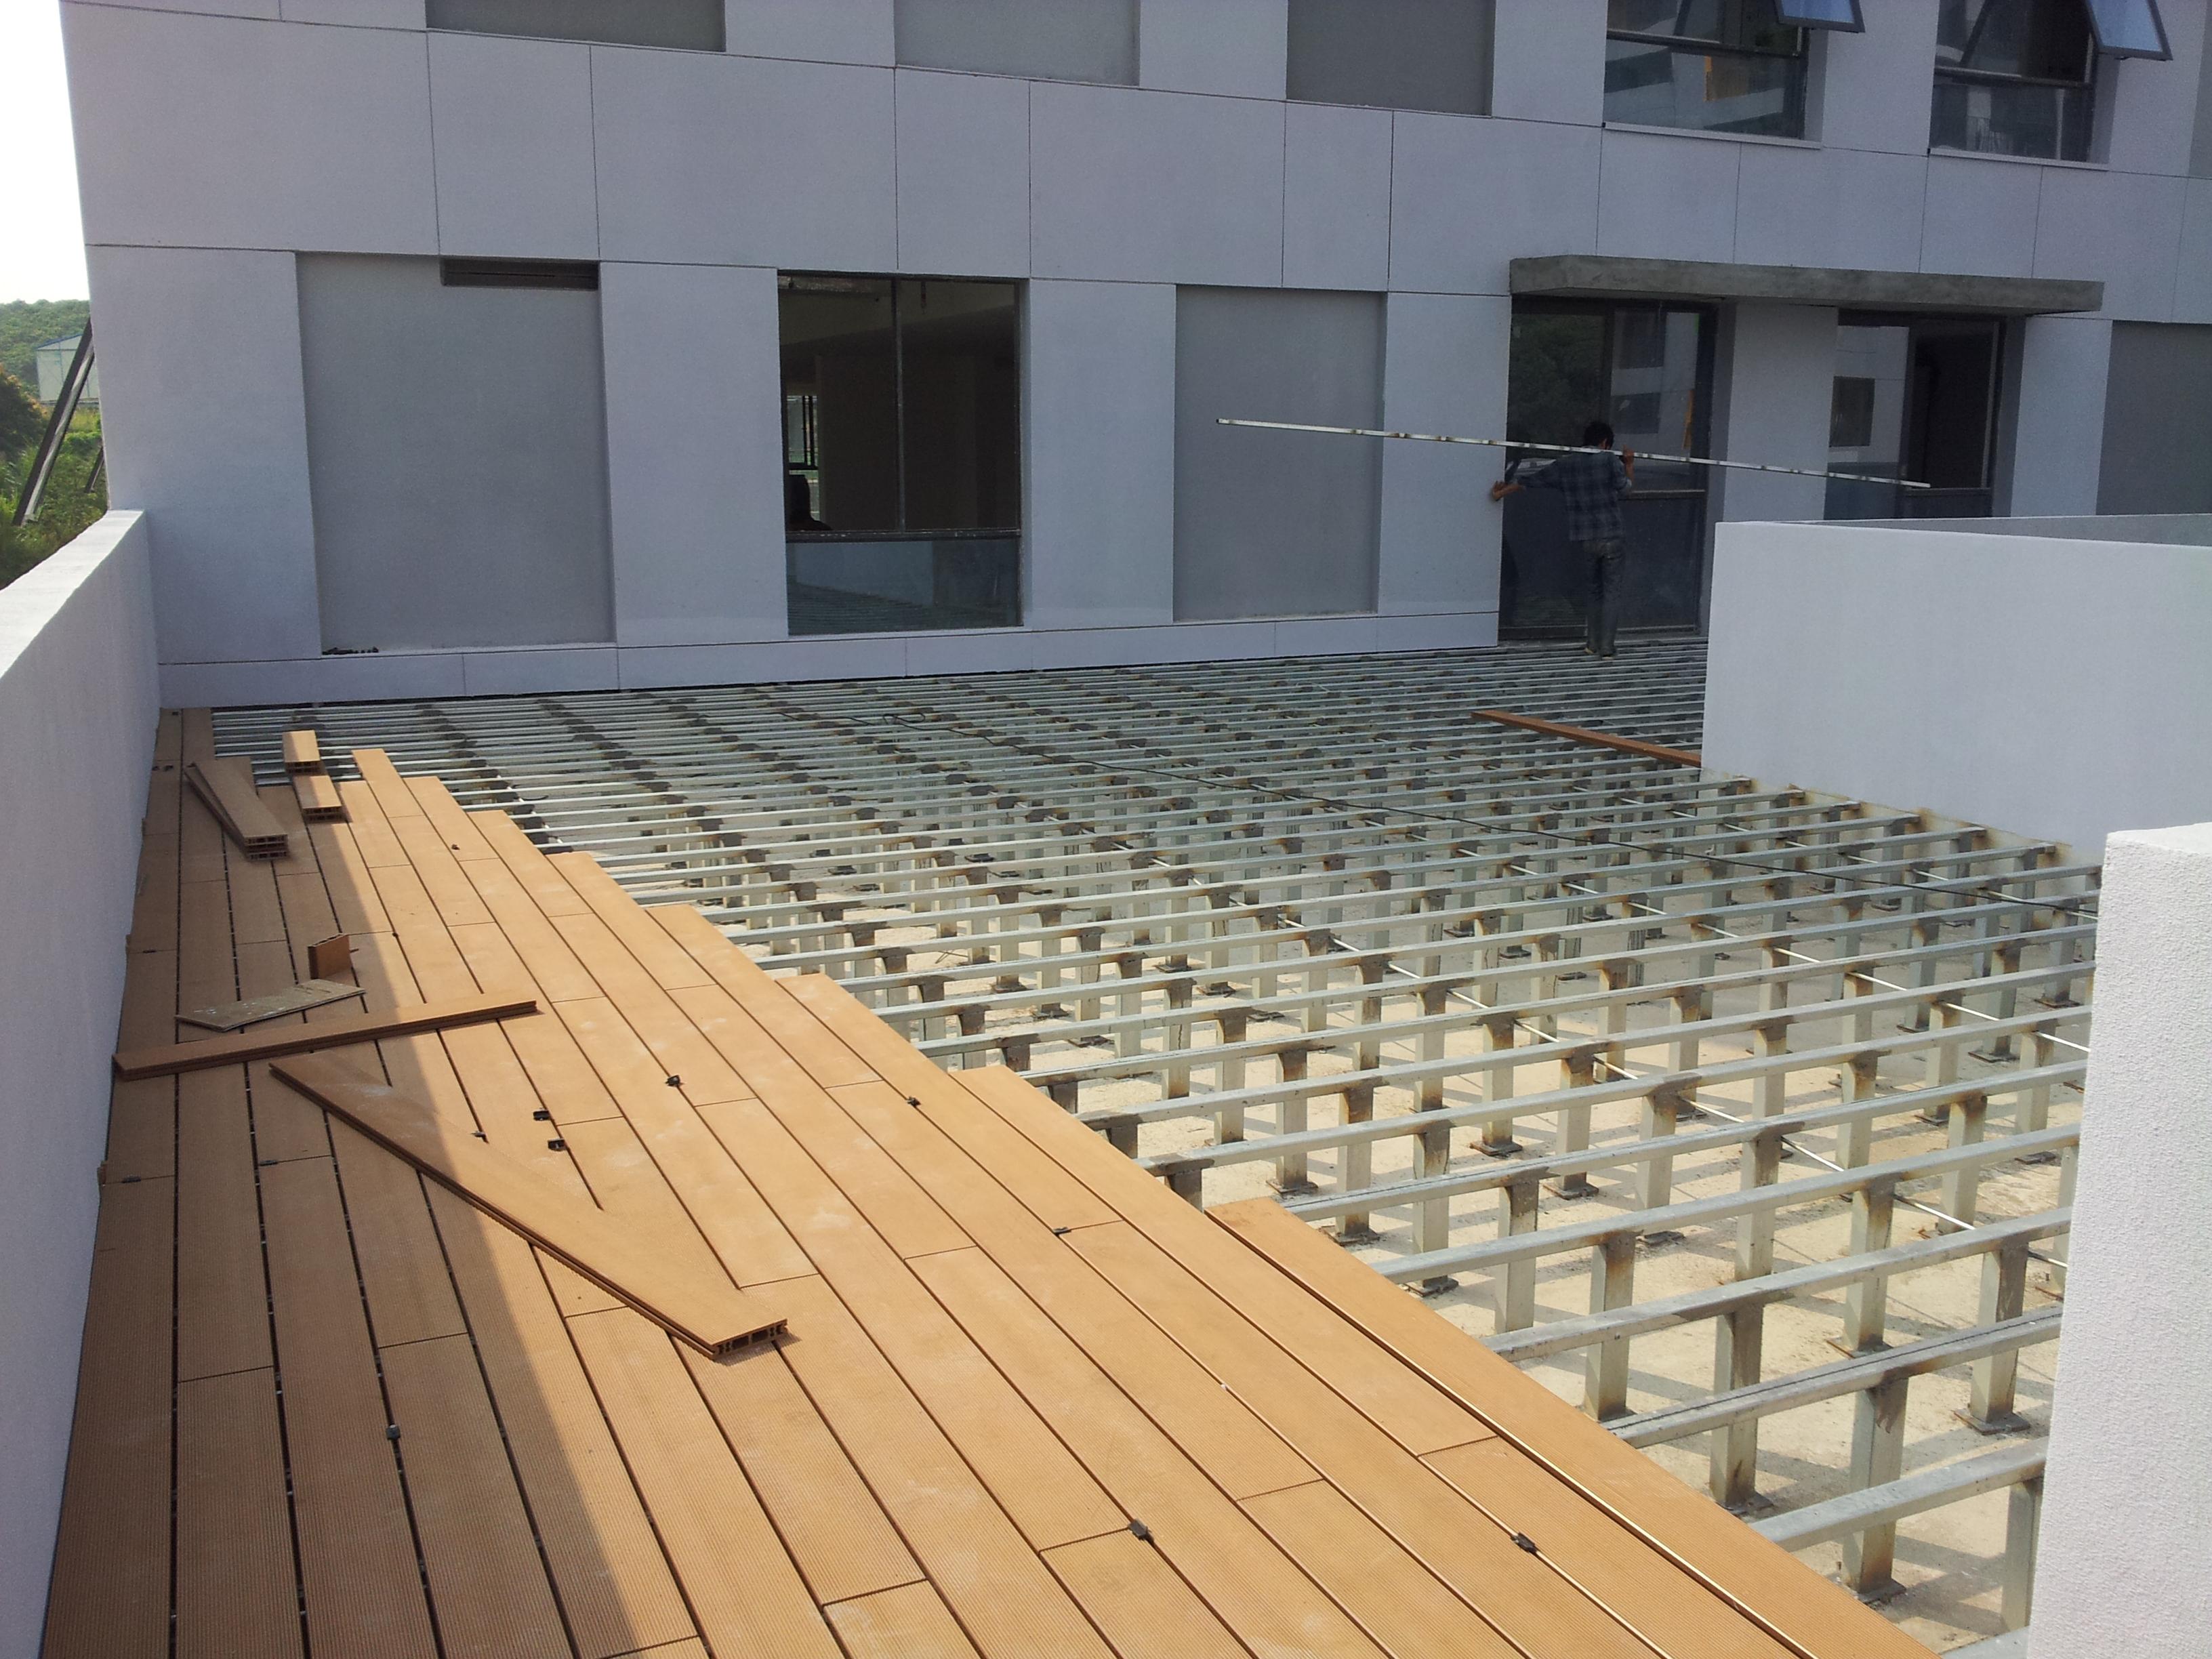 我们主要专门做户外园林工程项目的,这段时间我们在深圳南方科技大学那边校园需要塑木地板,需要用塑木地板140*35的规格等几款材料,当时在百度随便一输入深圳塑木地板,看到的全是绿和绿可塑木供应商的信息,通过一条信息就联系到该企业的销售人员,并经过交流,表达我们的意愿,最终通过到该公司面谈,看过了样品,最后和他们签订了合作关系,绿和绿可塑木板的质量真的比别的厂家要好,由于是工厂直销价格很优惠,还帮忙送到我们工地,经过这次合作,我感觉很满意,下次有项目需要环保木材料,我们还是找绿和绿可塑木厂。 深圳南方科技大学